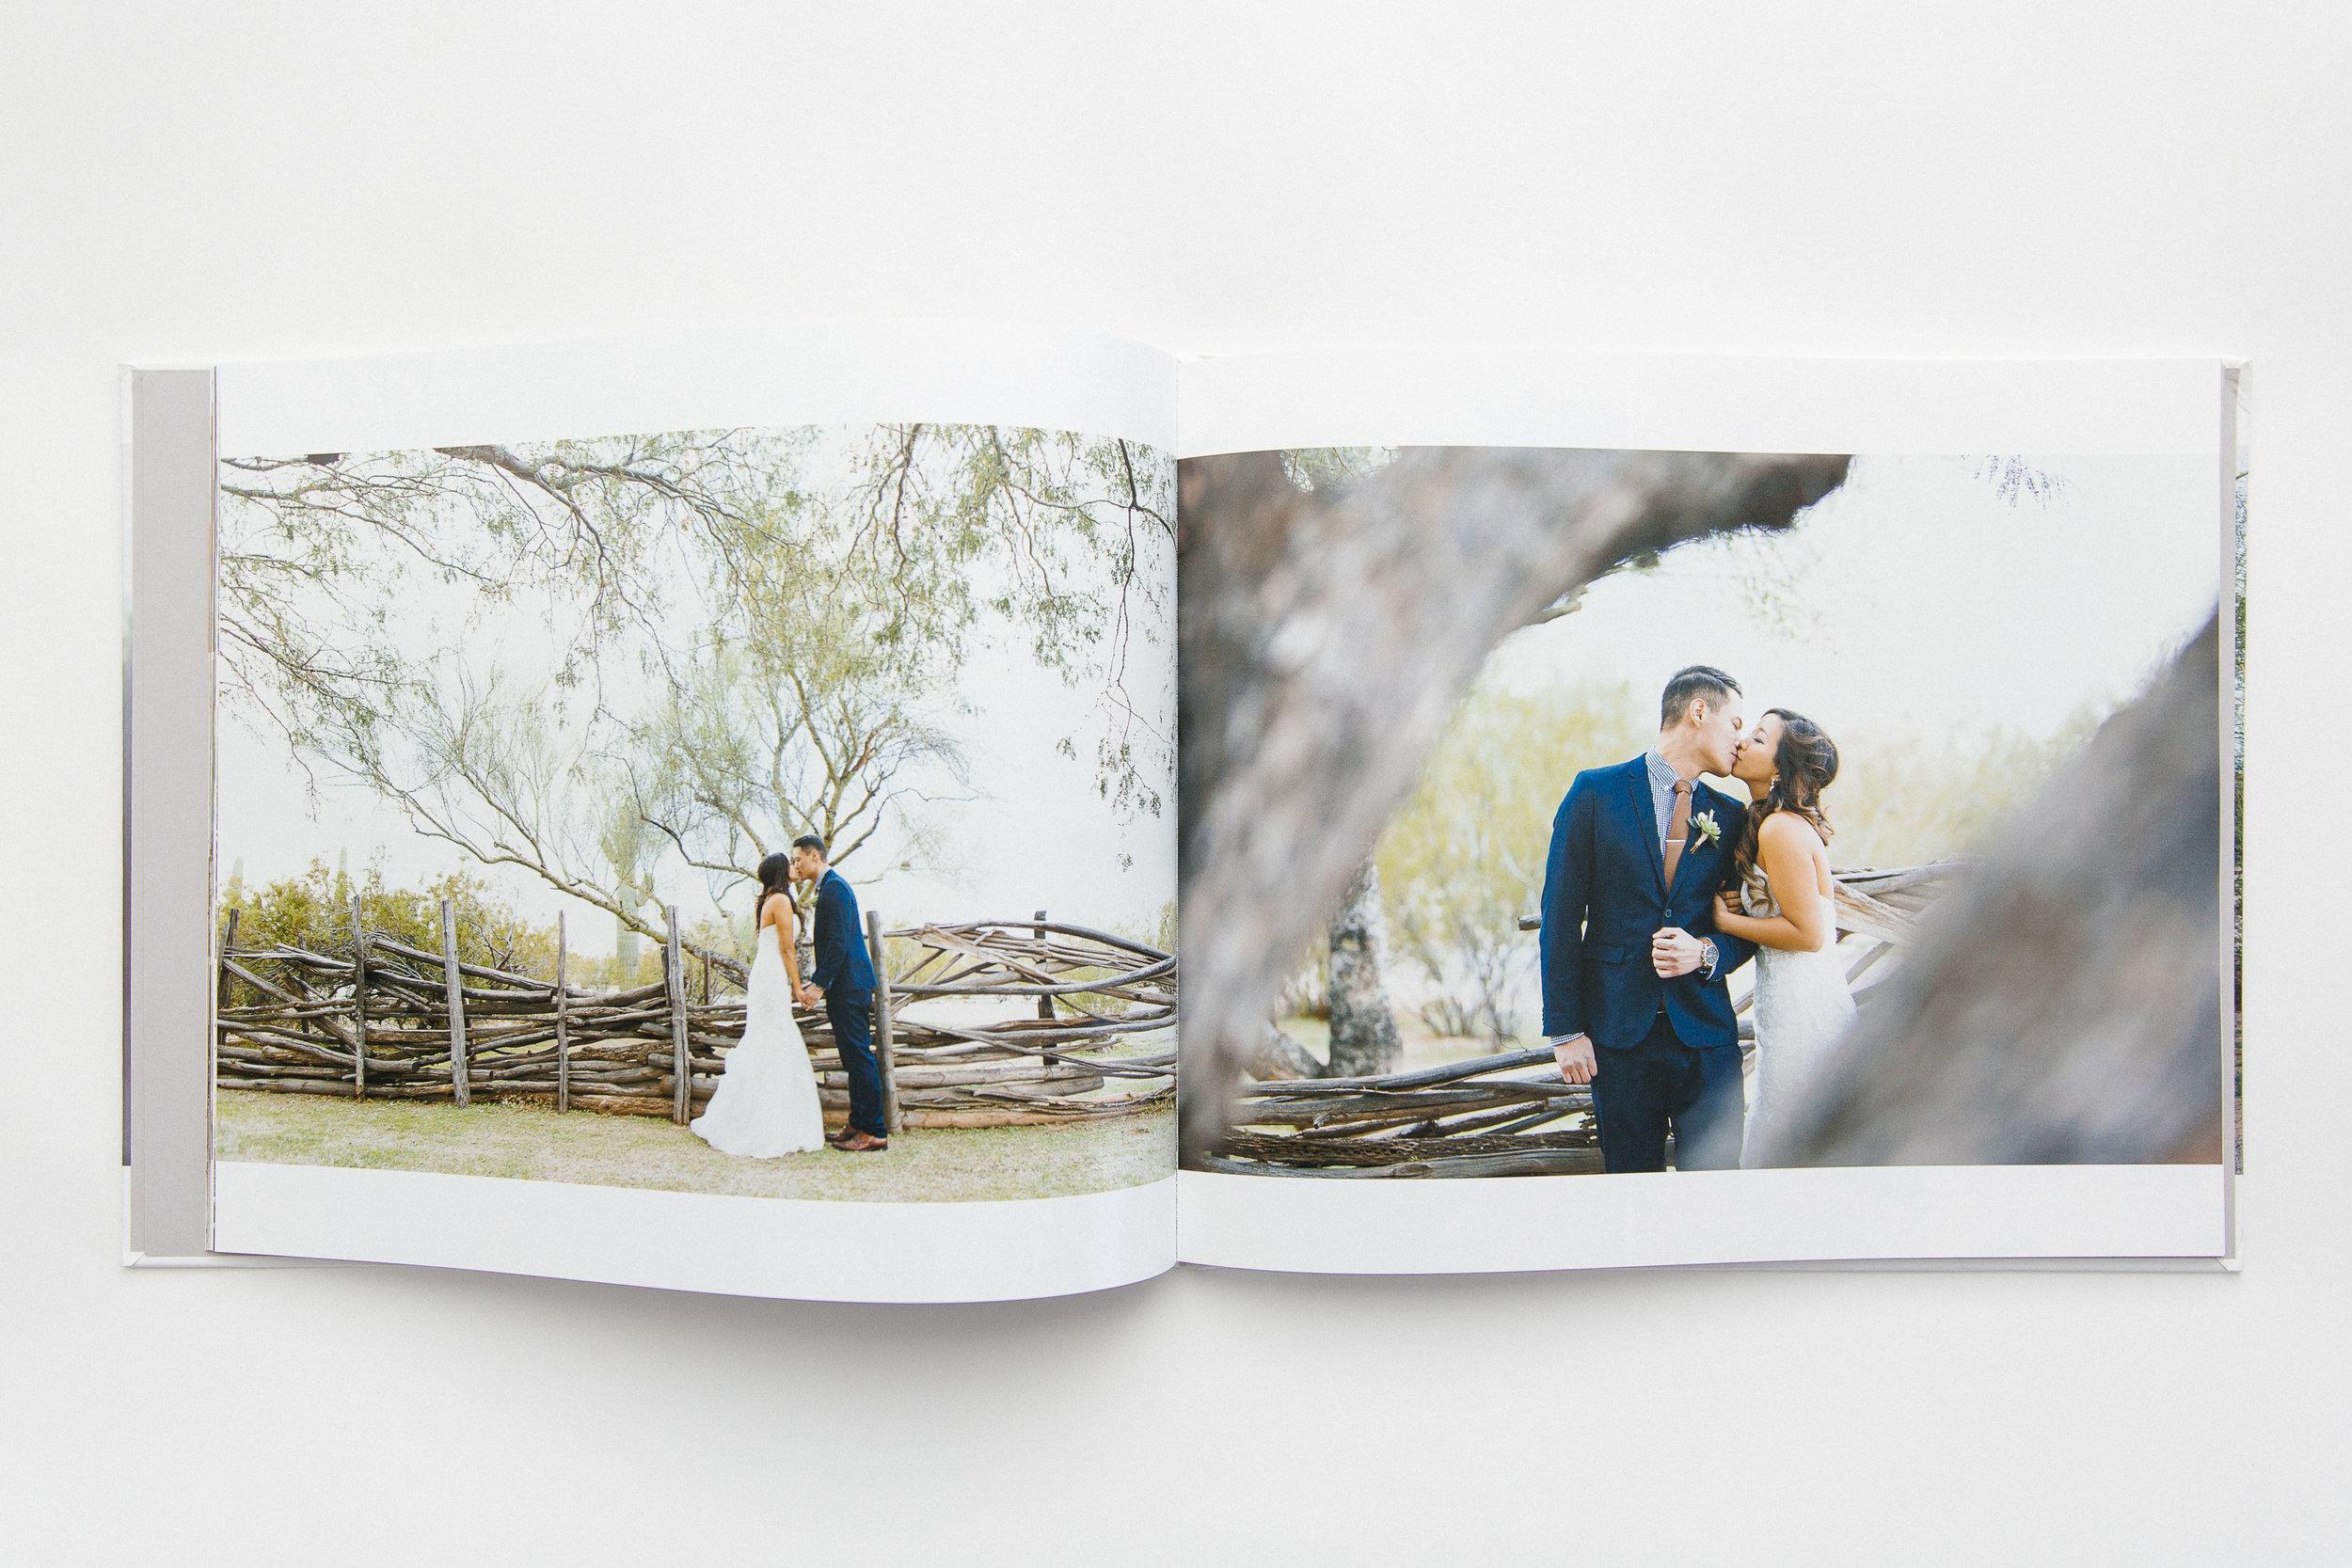 161209-Luxium-Weddings-Arizona-Luxium-Weddings-Product-3908.jpg